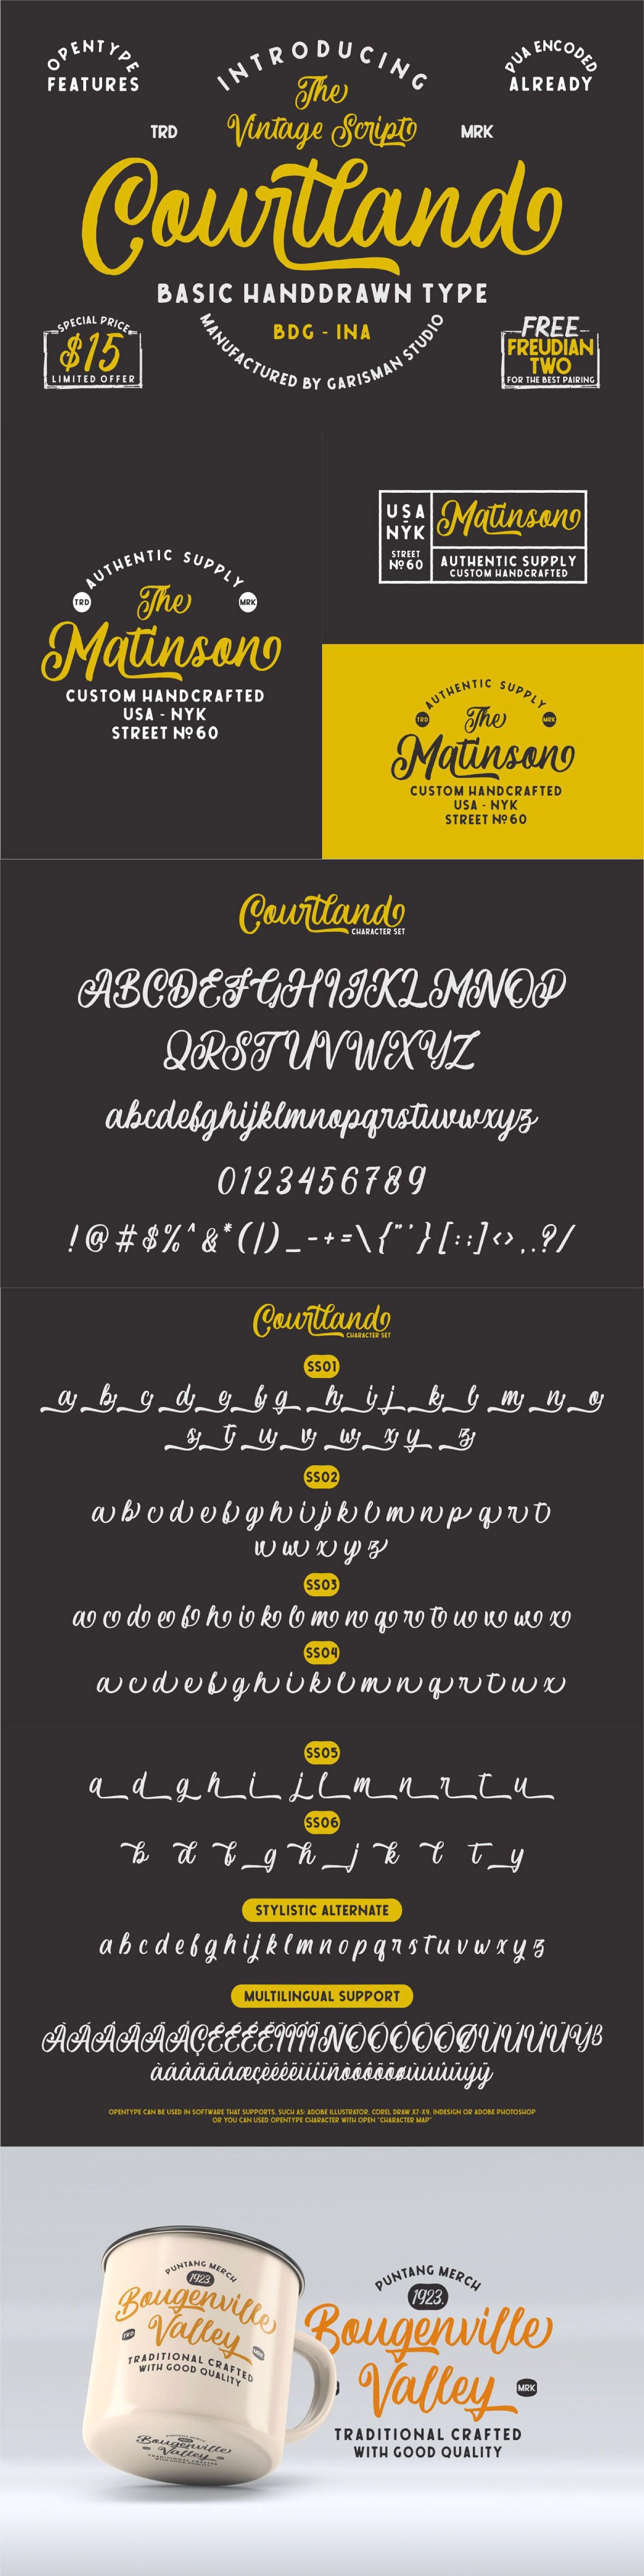 Шрифт – Courtland